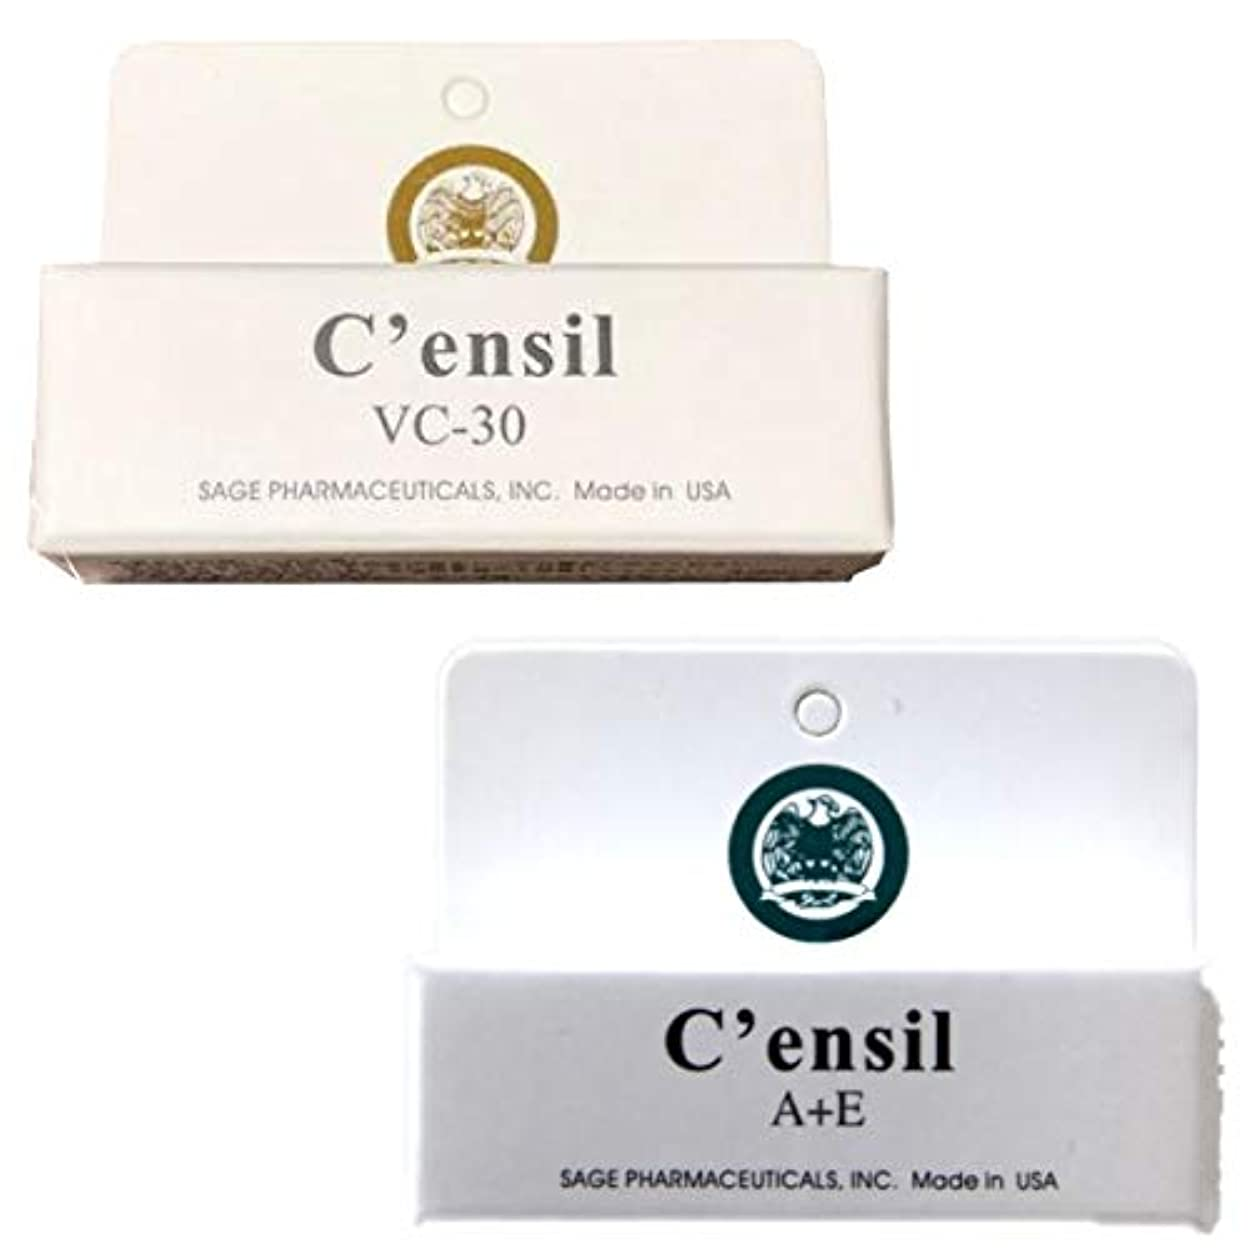 除去大胆見るセンシル 美容液 C'ensil C-30 ミニ 2ml + A+E ミニ 2mL セット